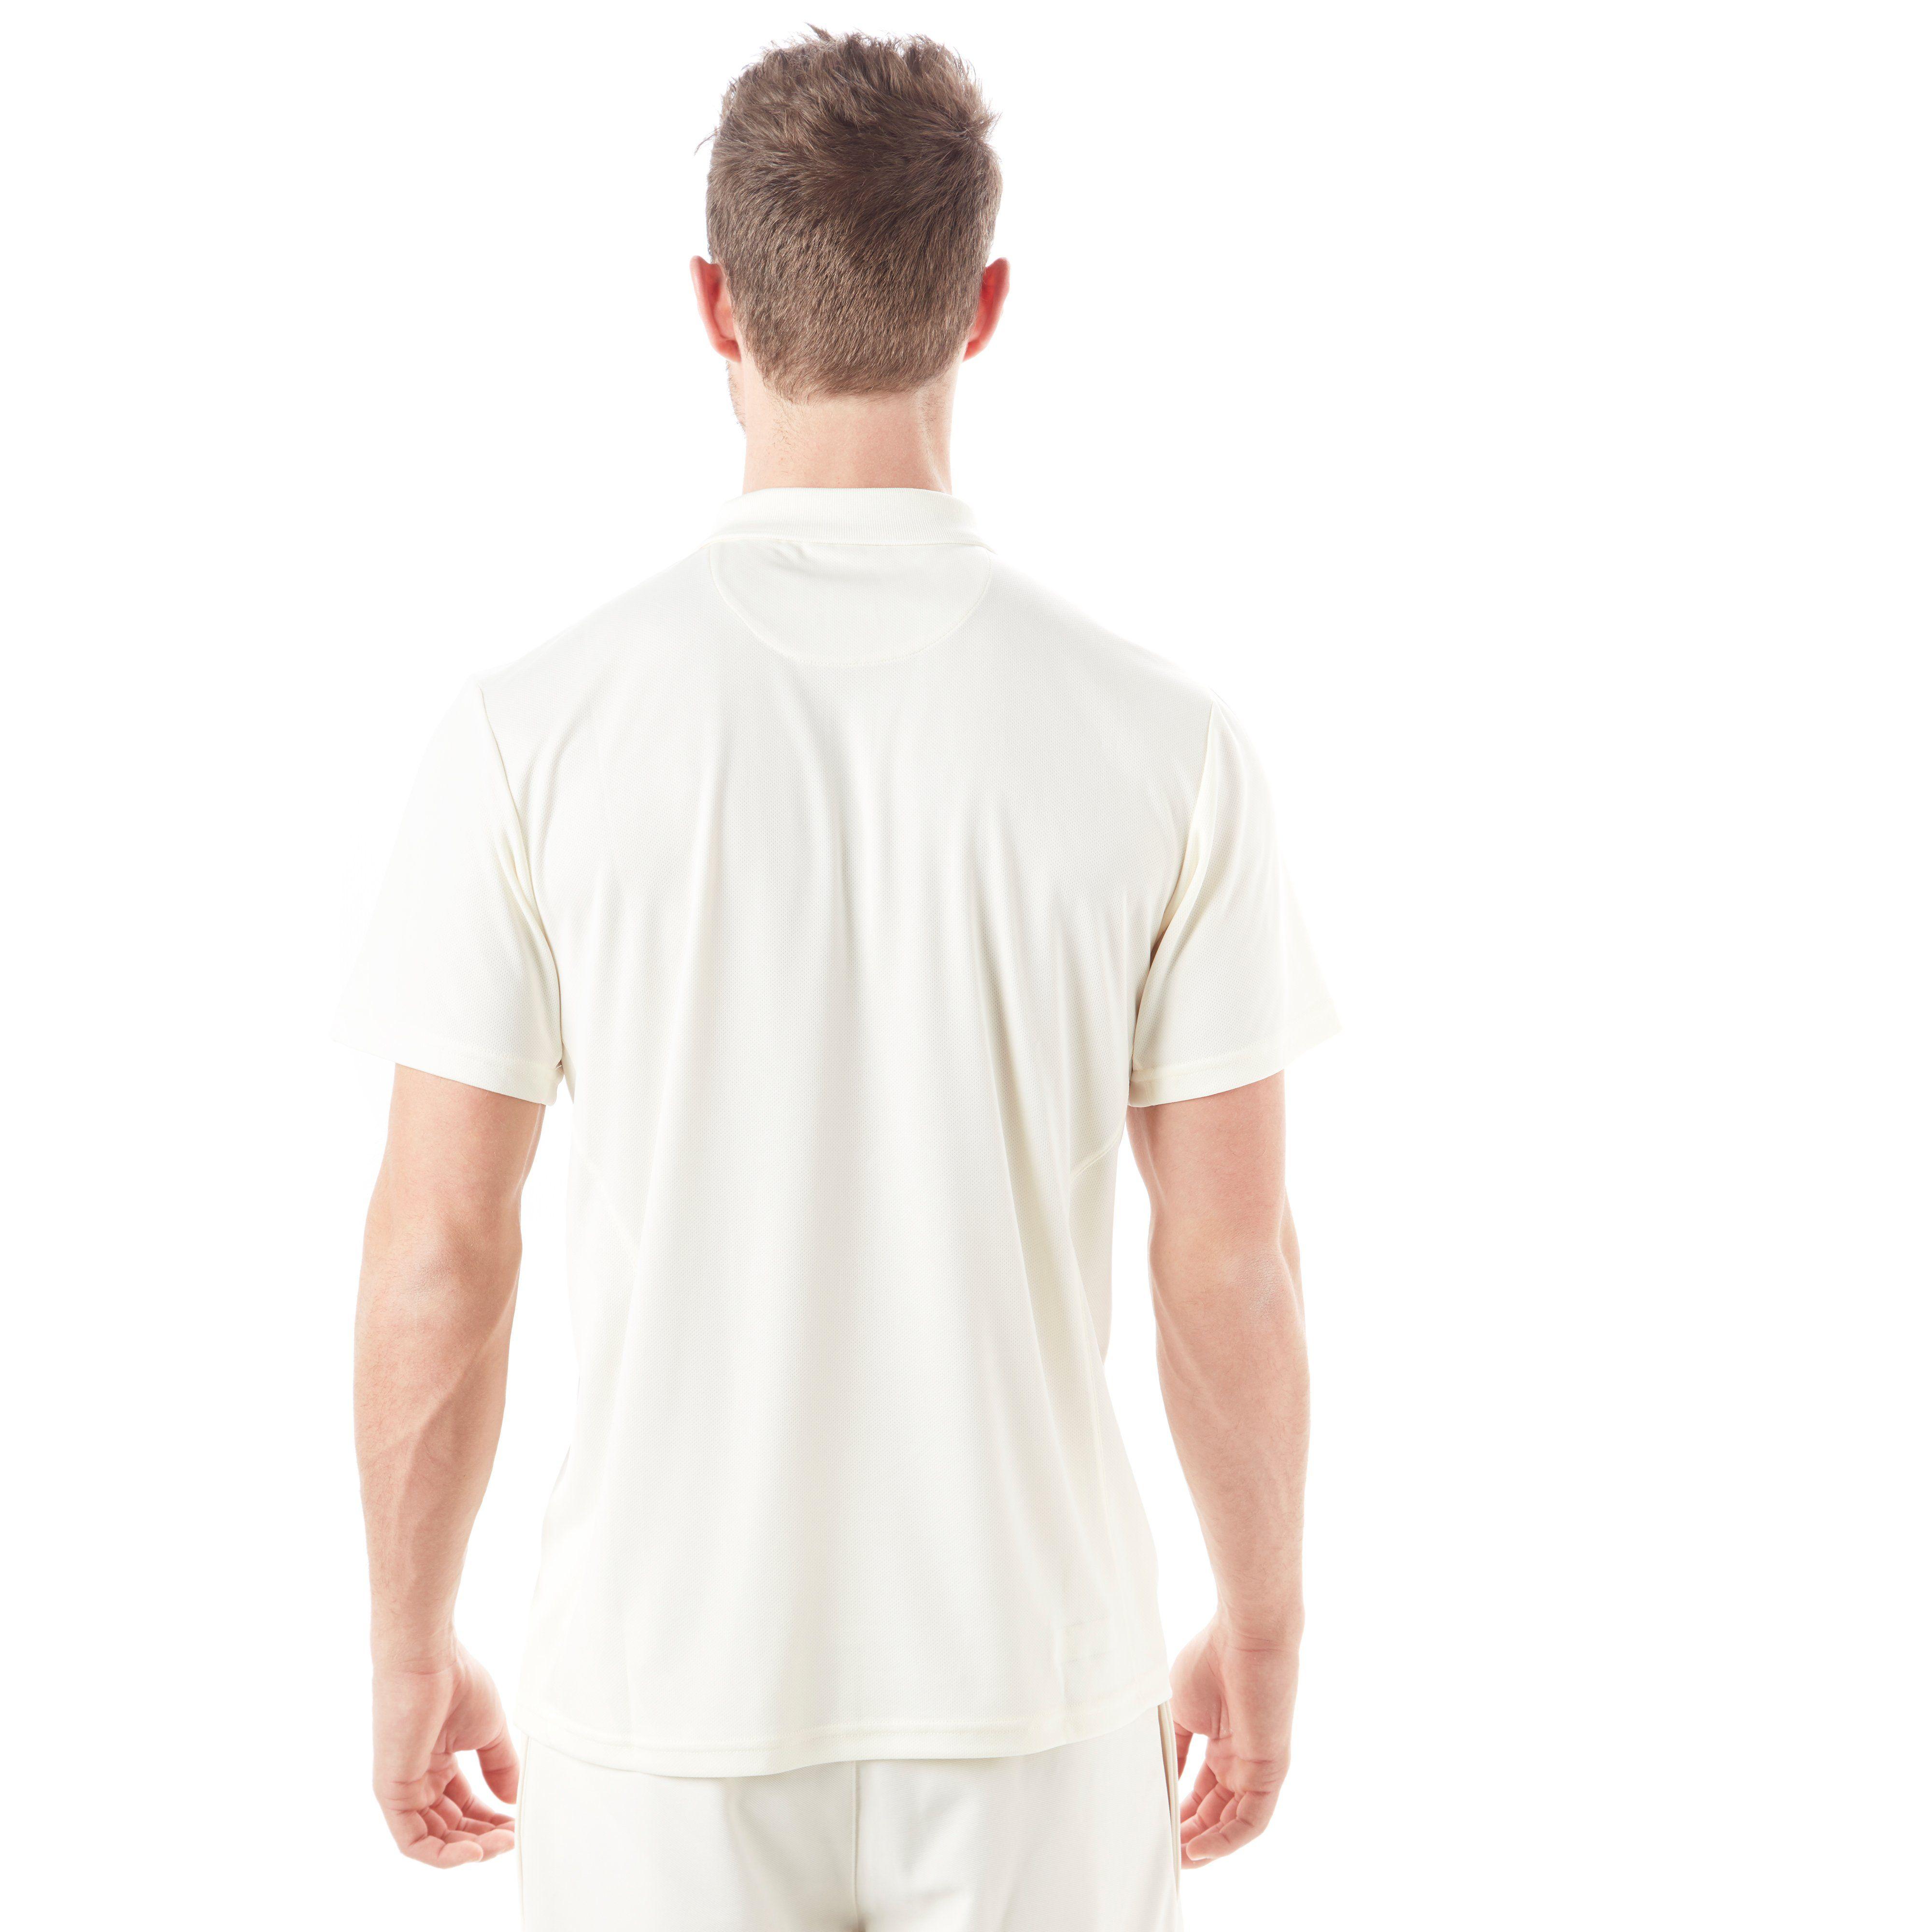 New Balance Polo Men's Cricket Top